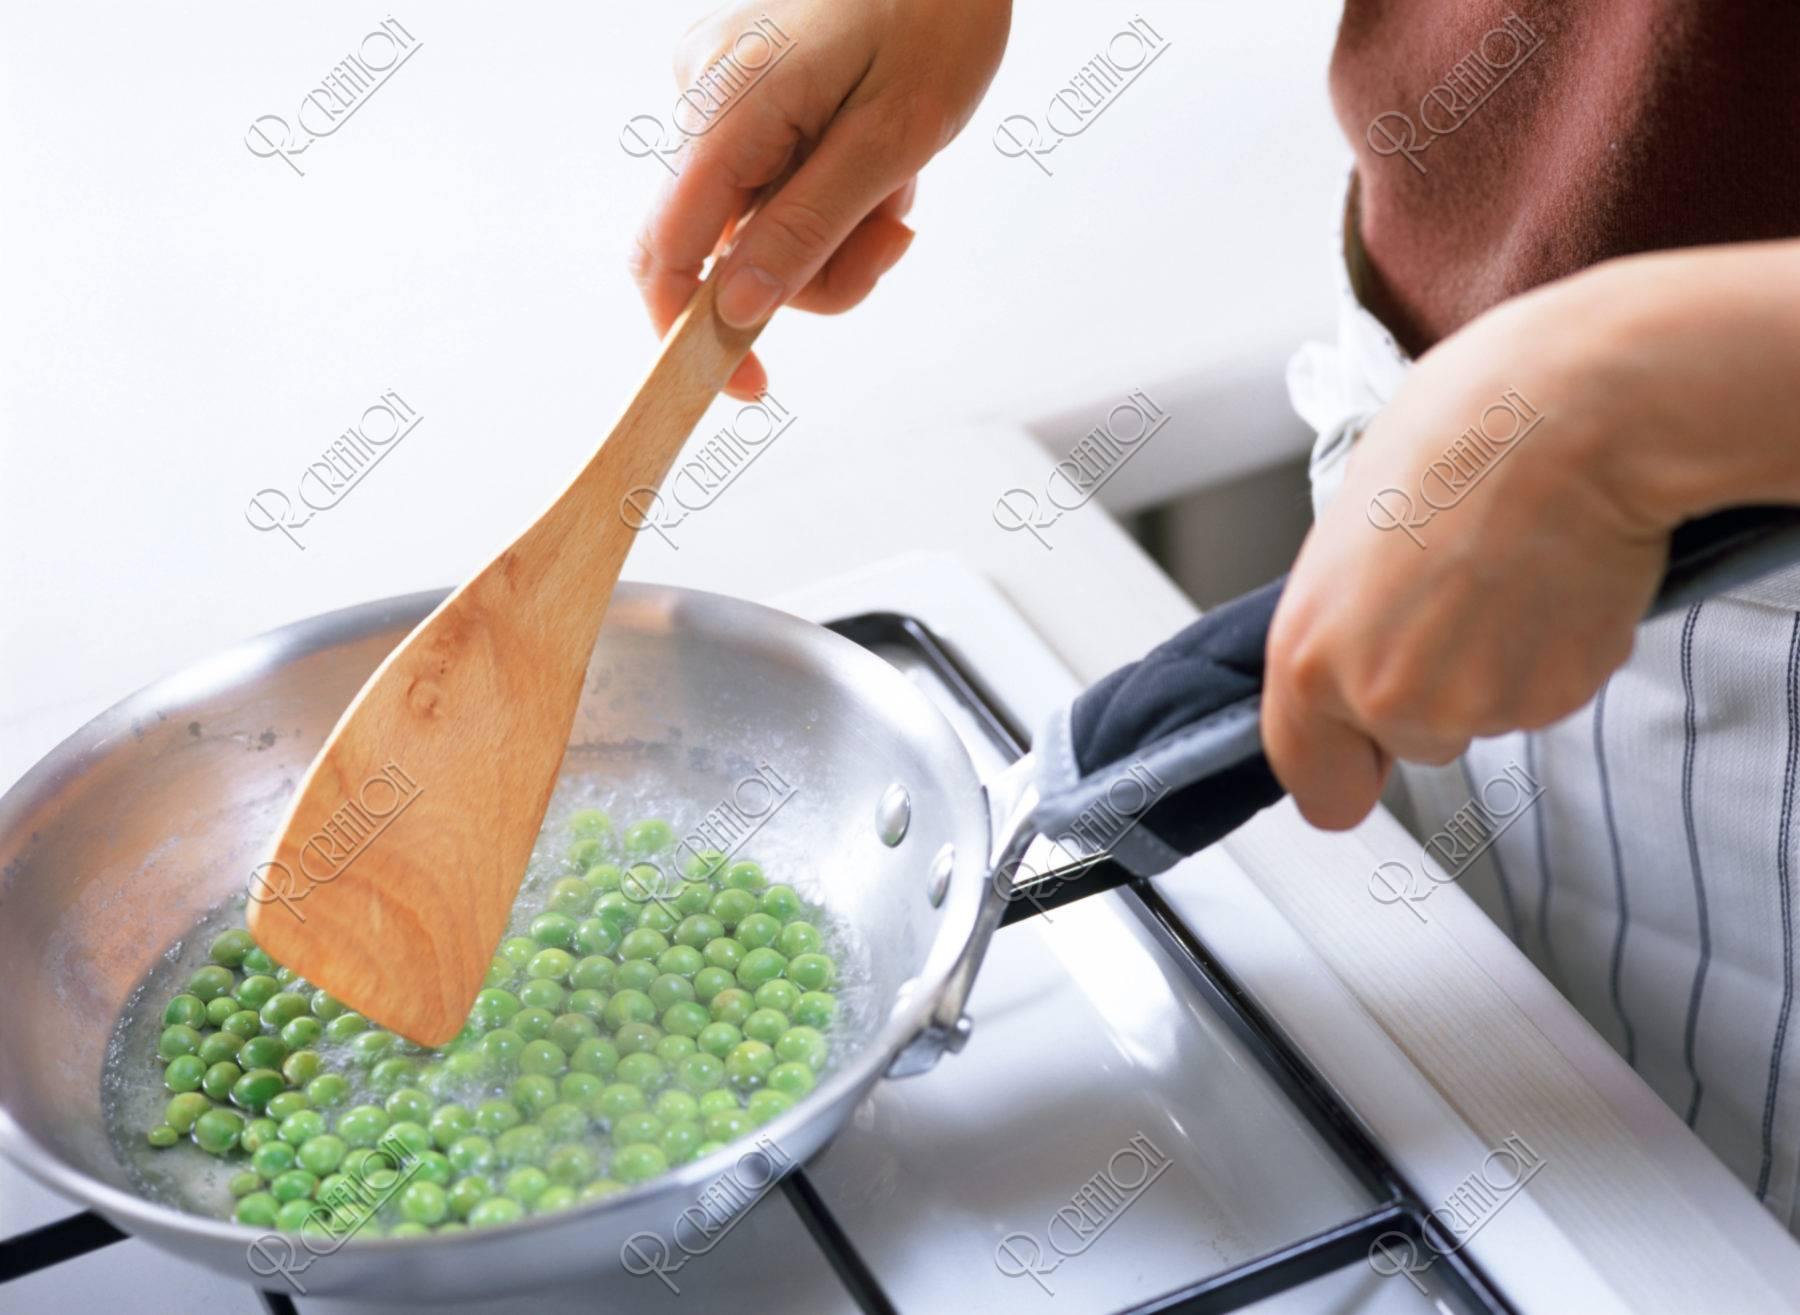 グリーンピースを炒める手